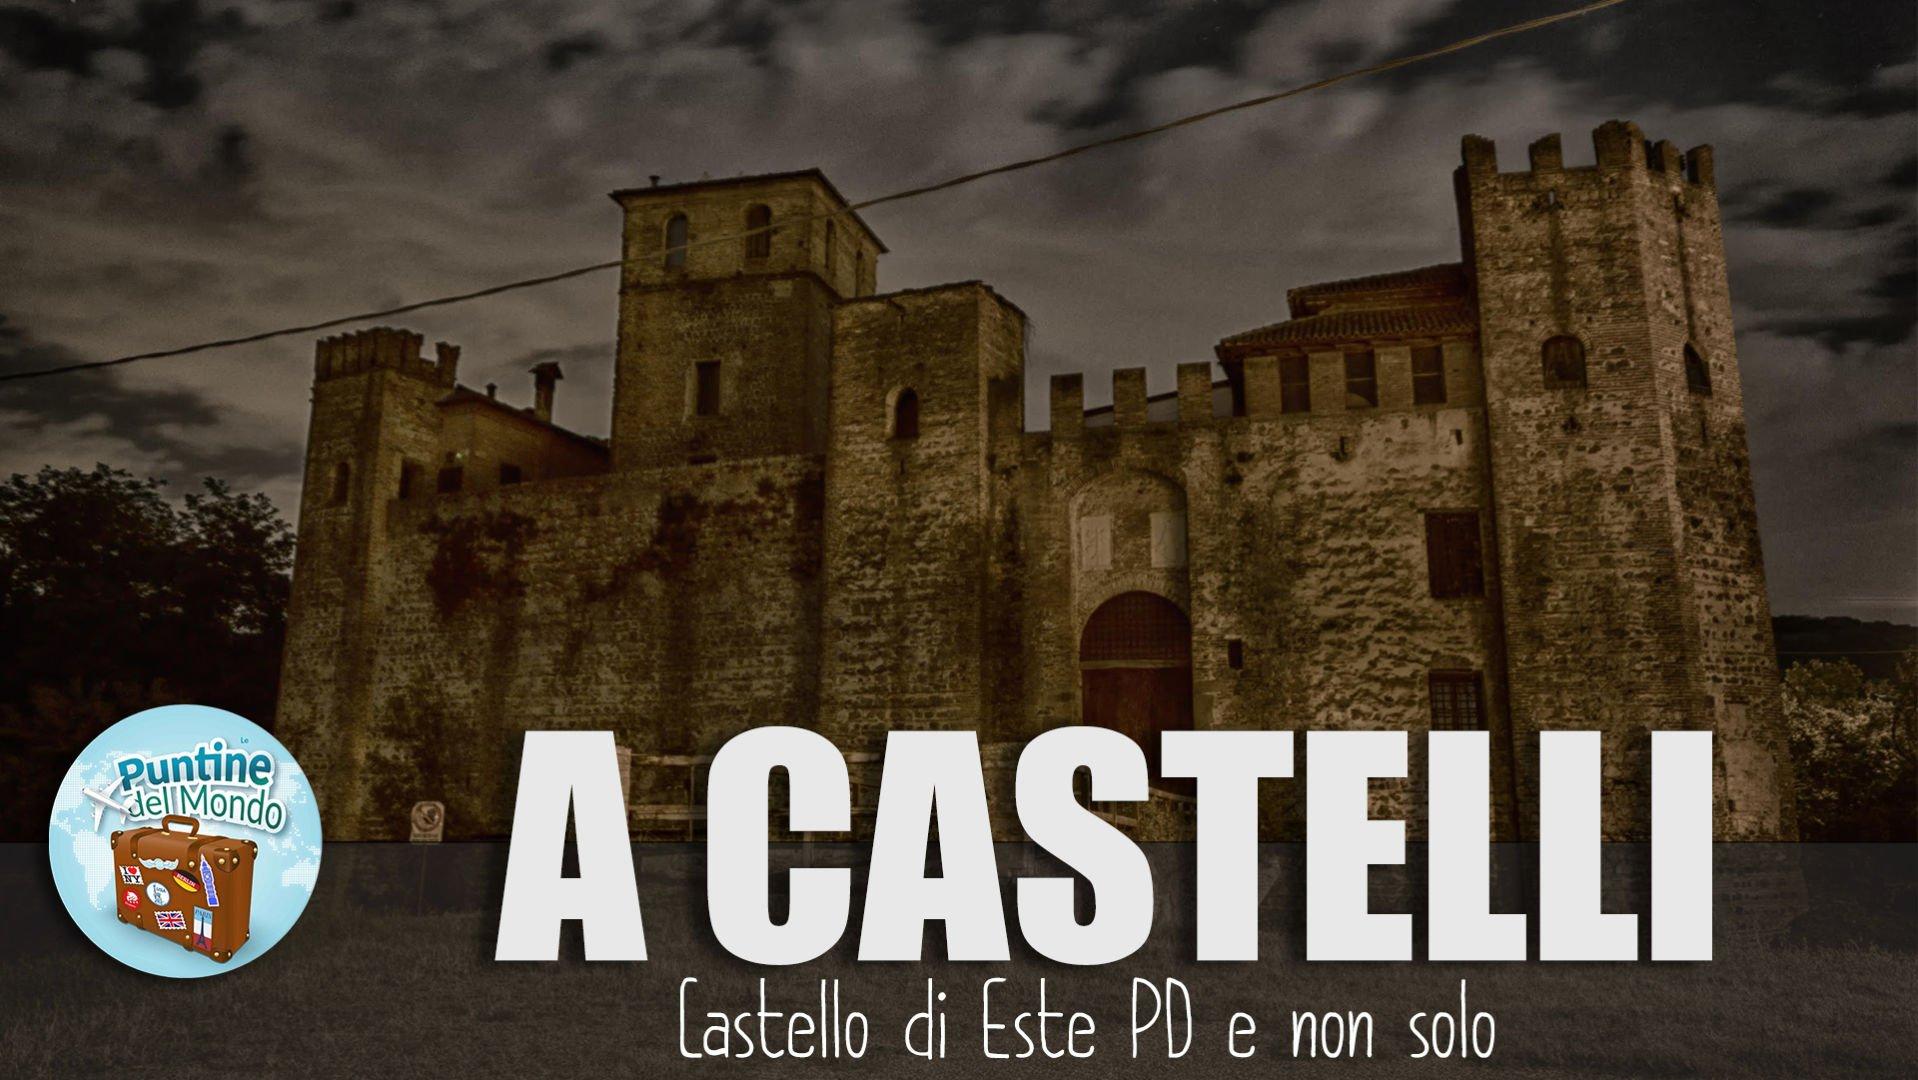 Castello di Este PD e dintorni